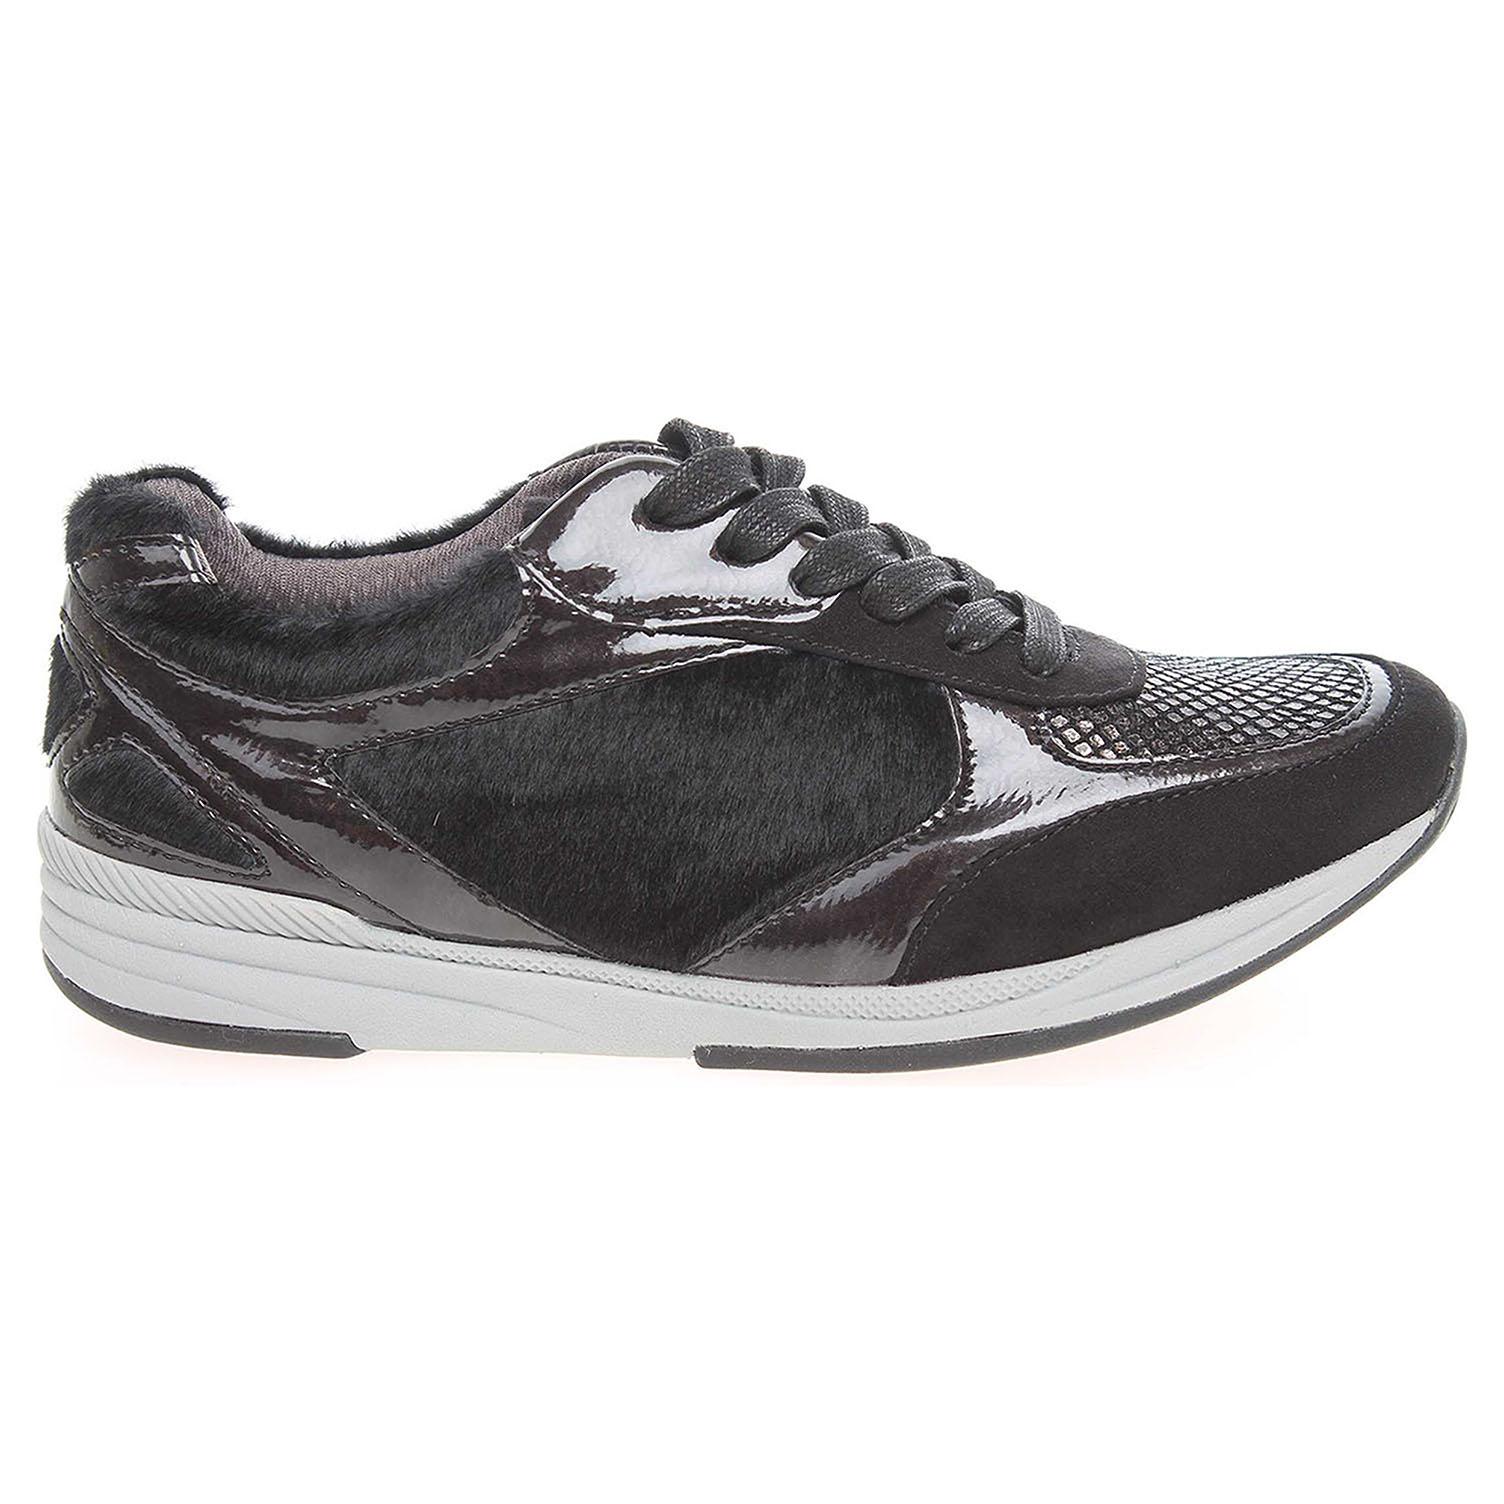 Ecco Ara dámská obuv 64422-07 černá 23200557